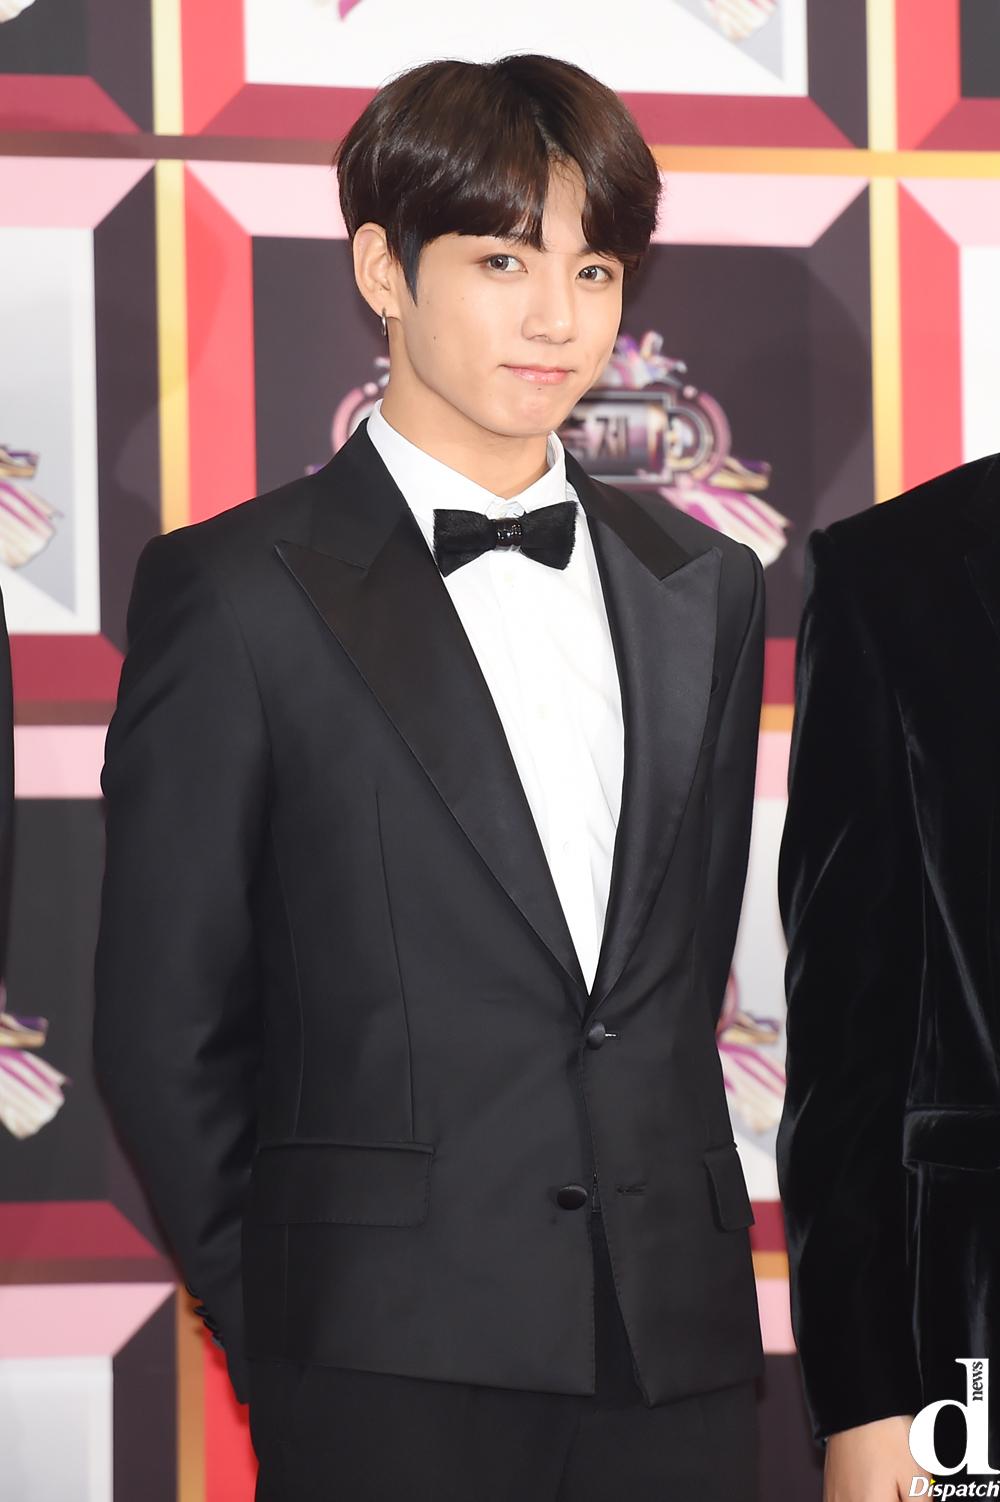 Jungkook vs Baekhyun, Both of them have a baby face, right